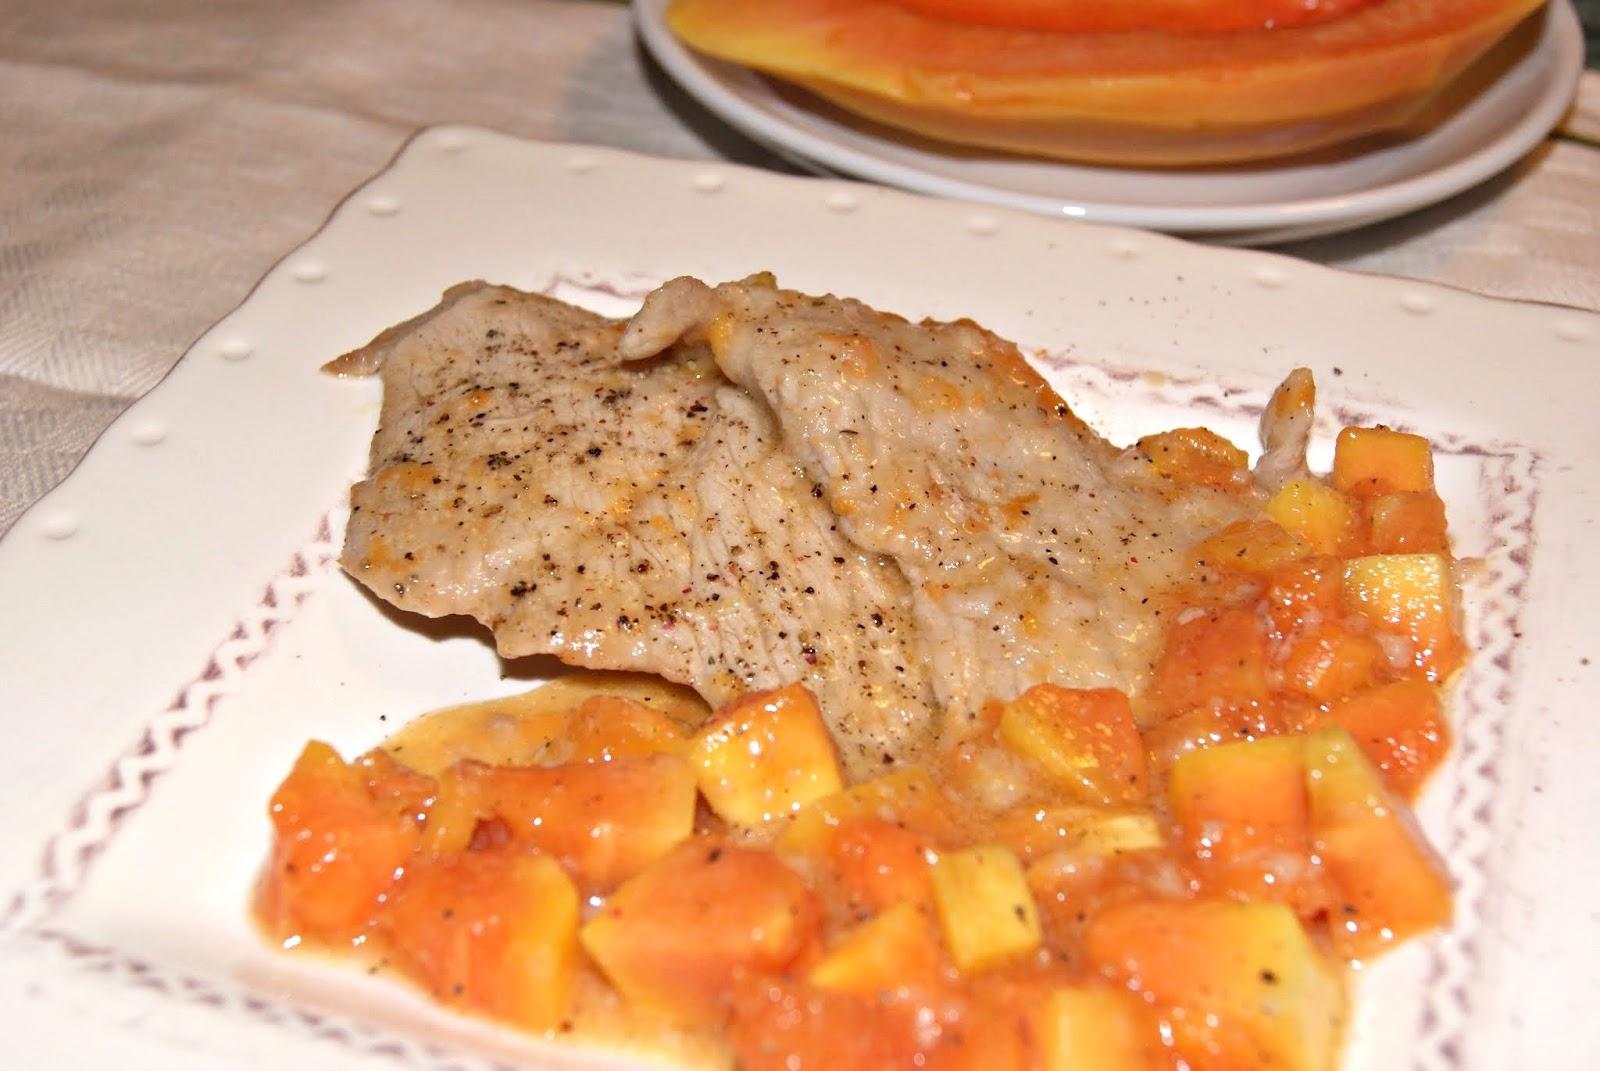 Ricette con Papaya, la scheda della Papaya